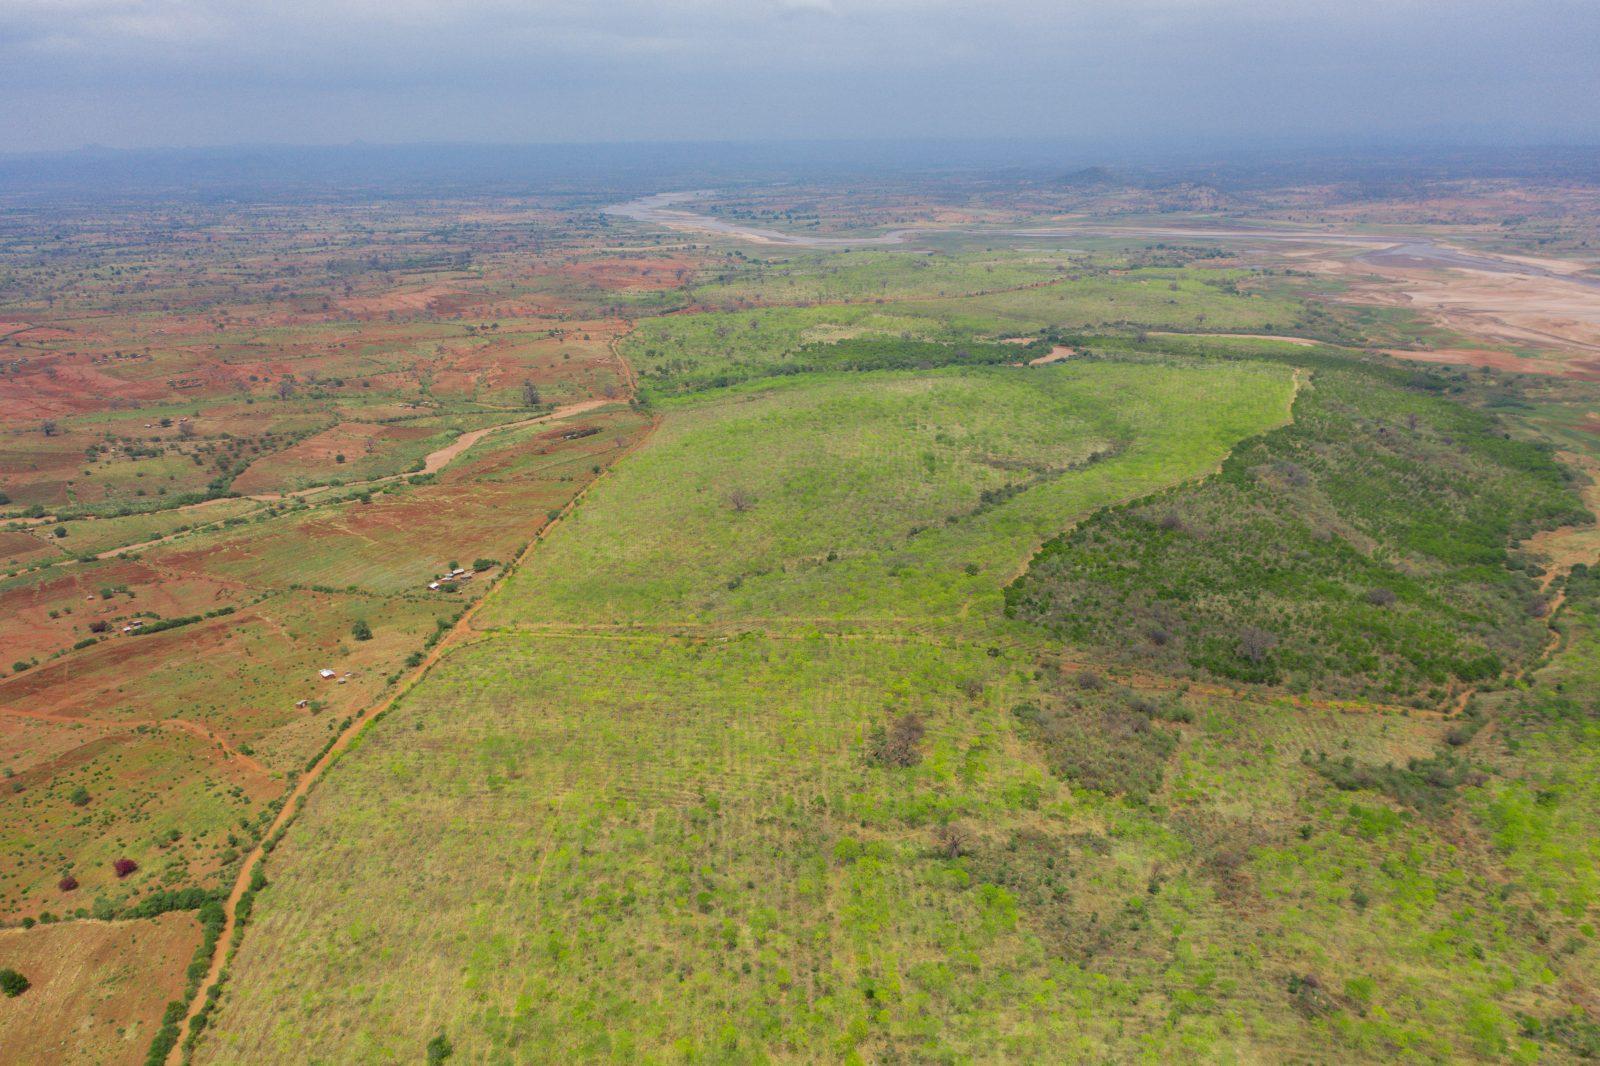 Drönarbild över Kiambere-plantagen från ca 270 meters höjd, juni 2019